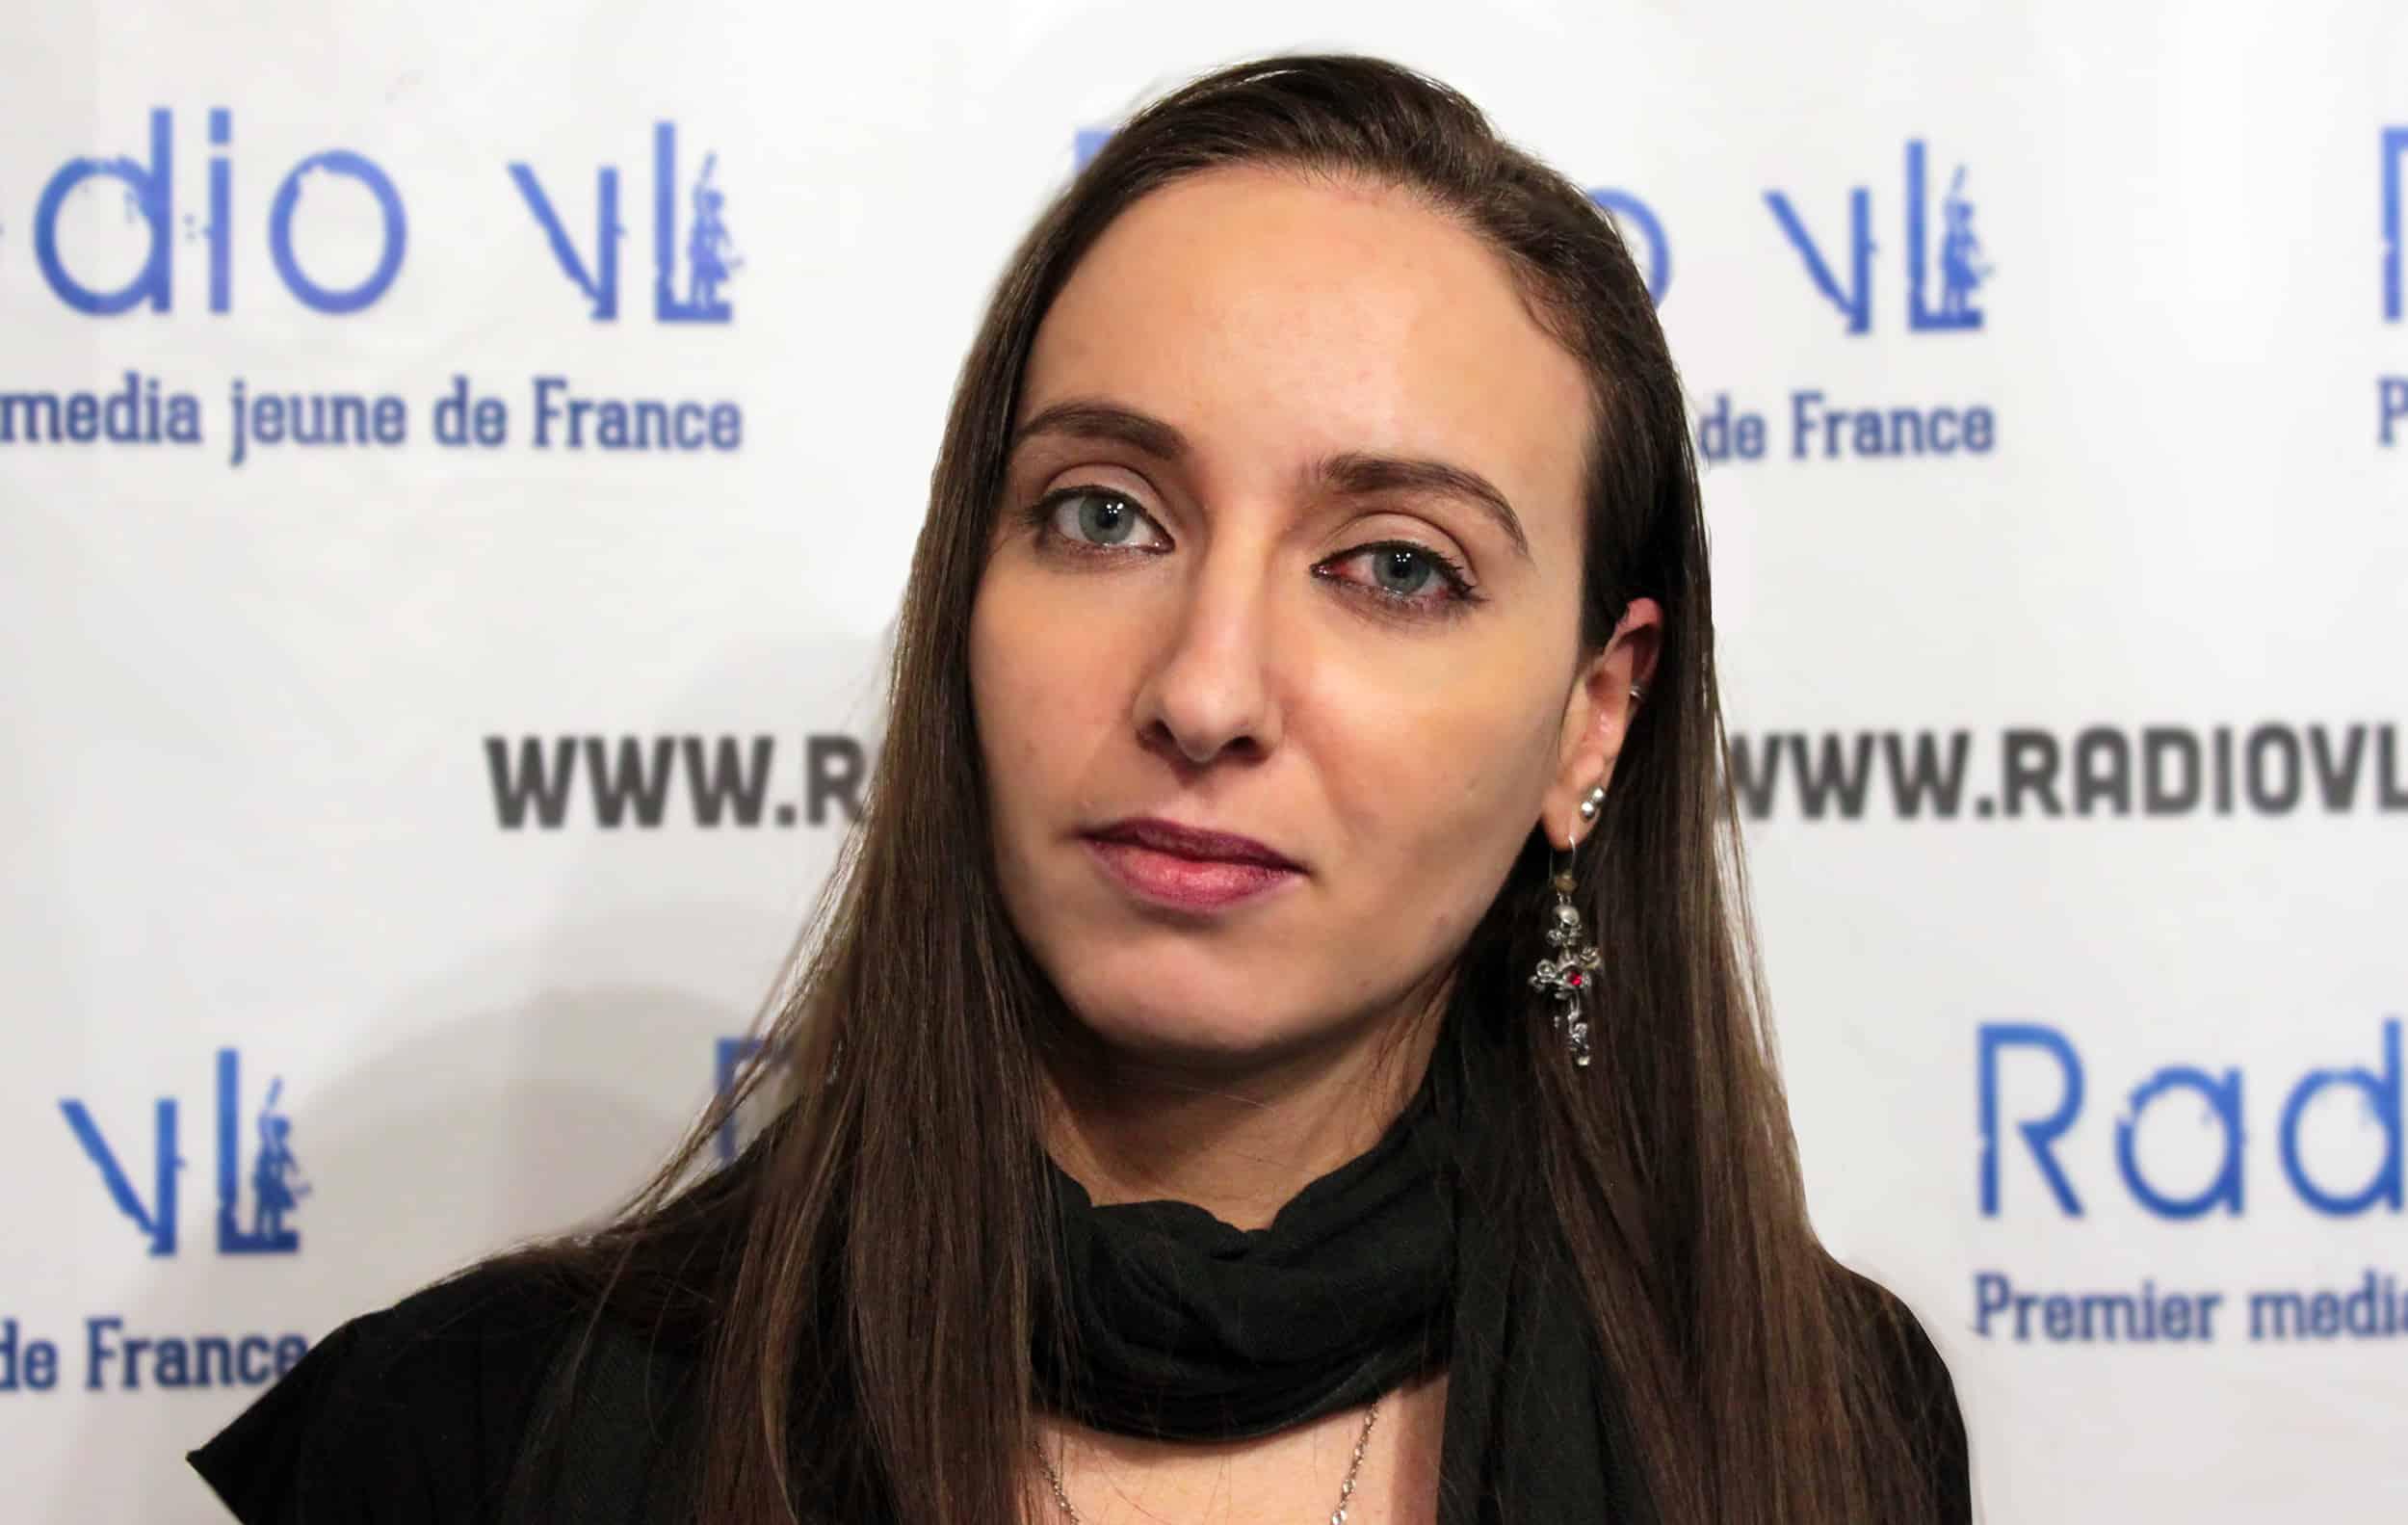 Tris Acatrinei, invitée des As du Placard pour la cybersécurité